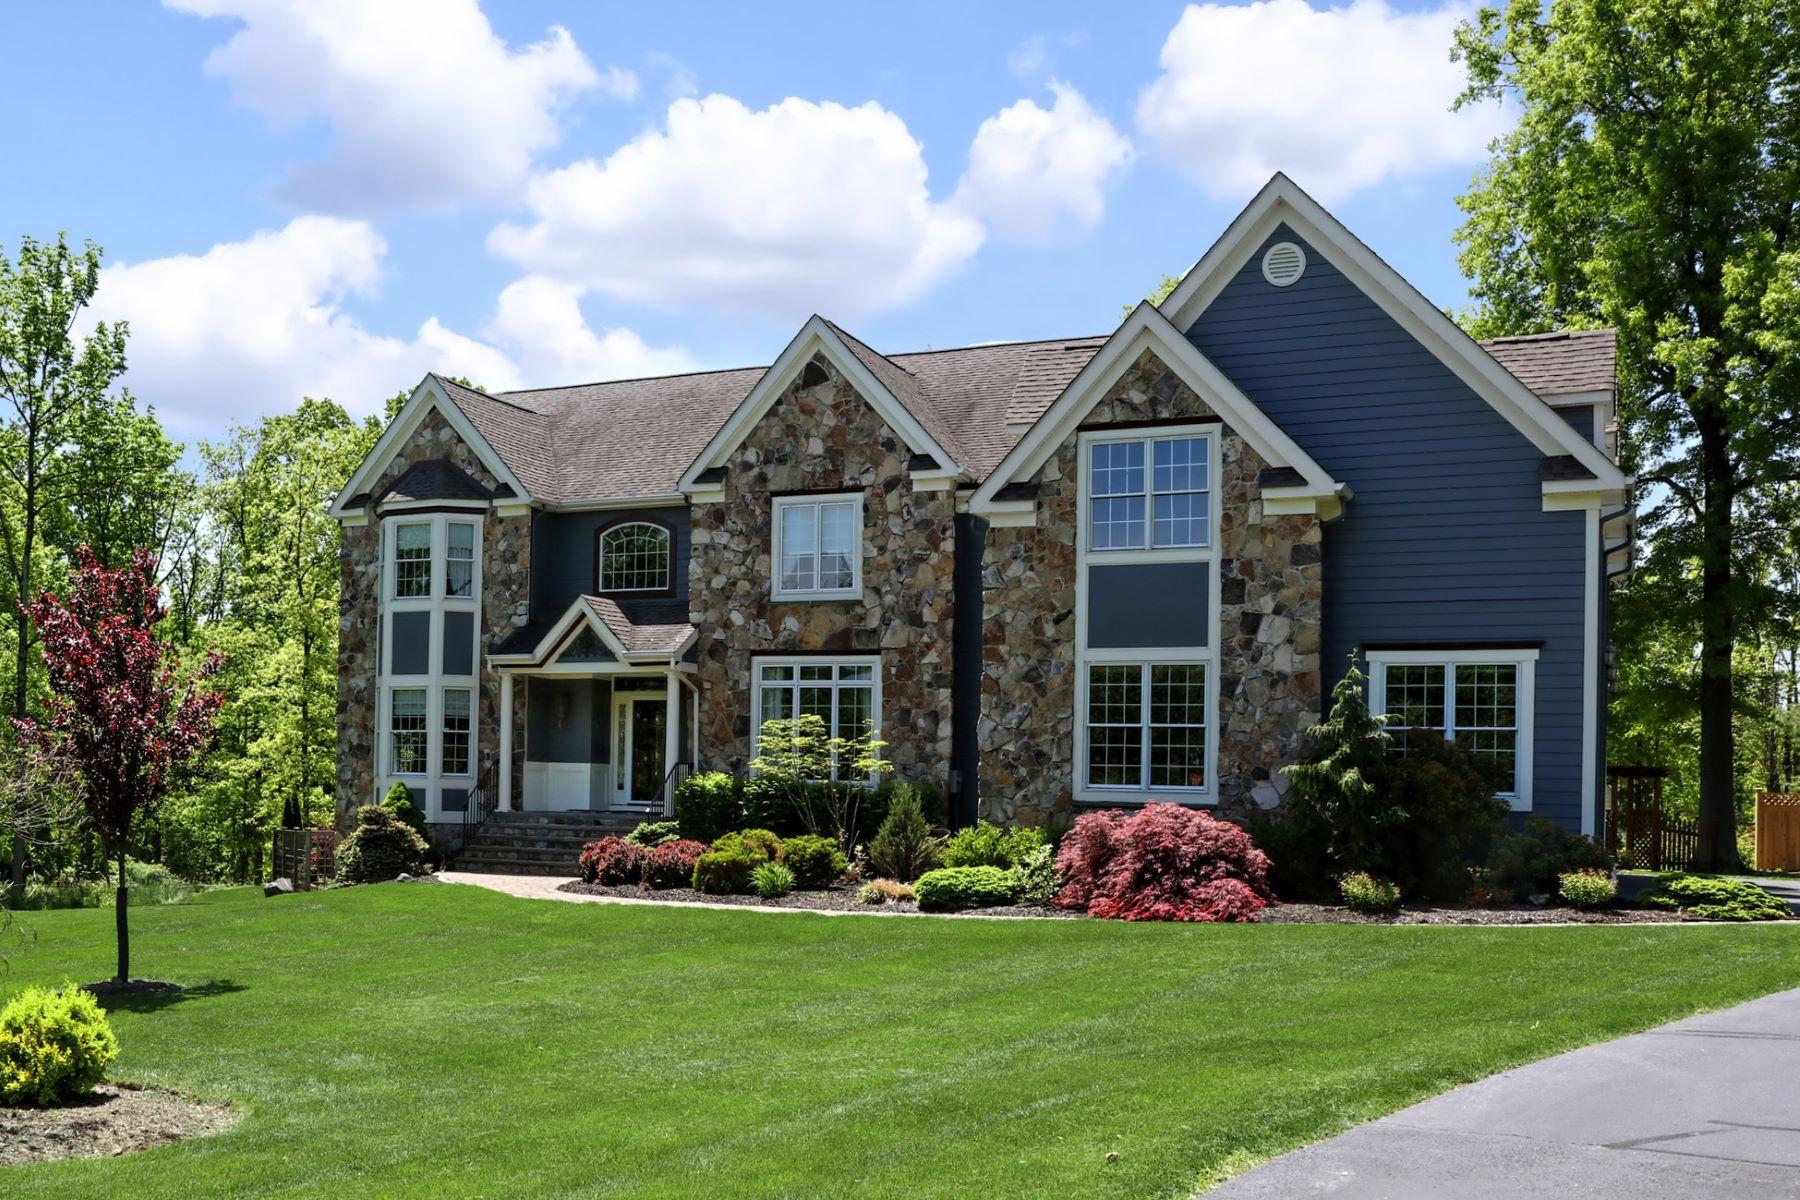 独户住宅 为 销售 在 An Executive-Style Retreat Near Flemington 33 Oak Grove Road, 夫雷明顿, 新泽西州 08822 美国在/周边: Raritan Township